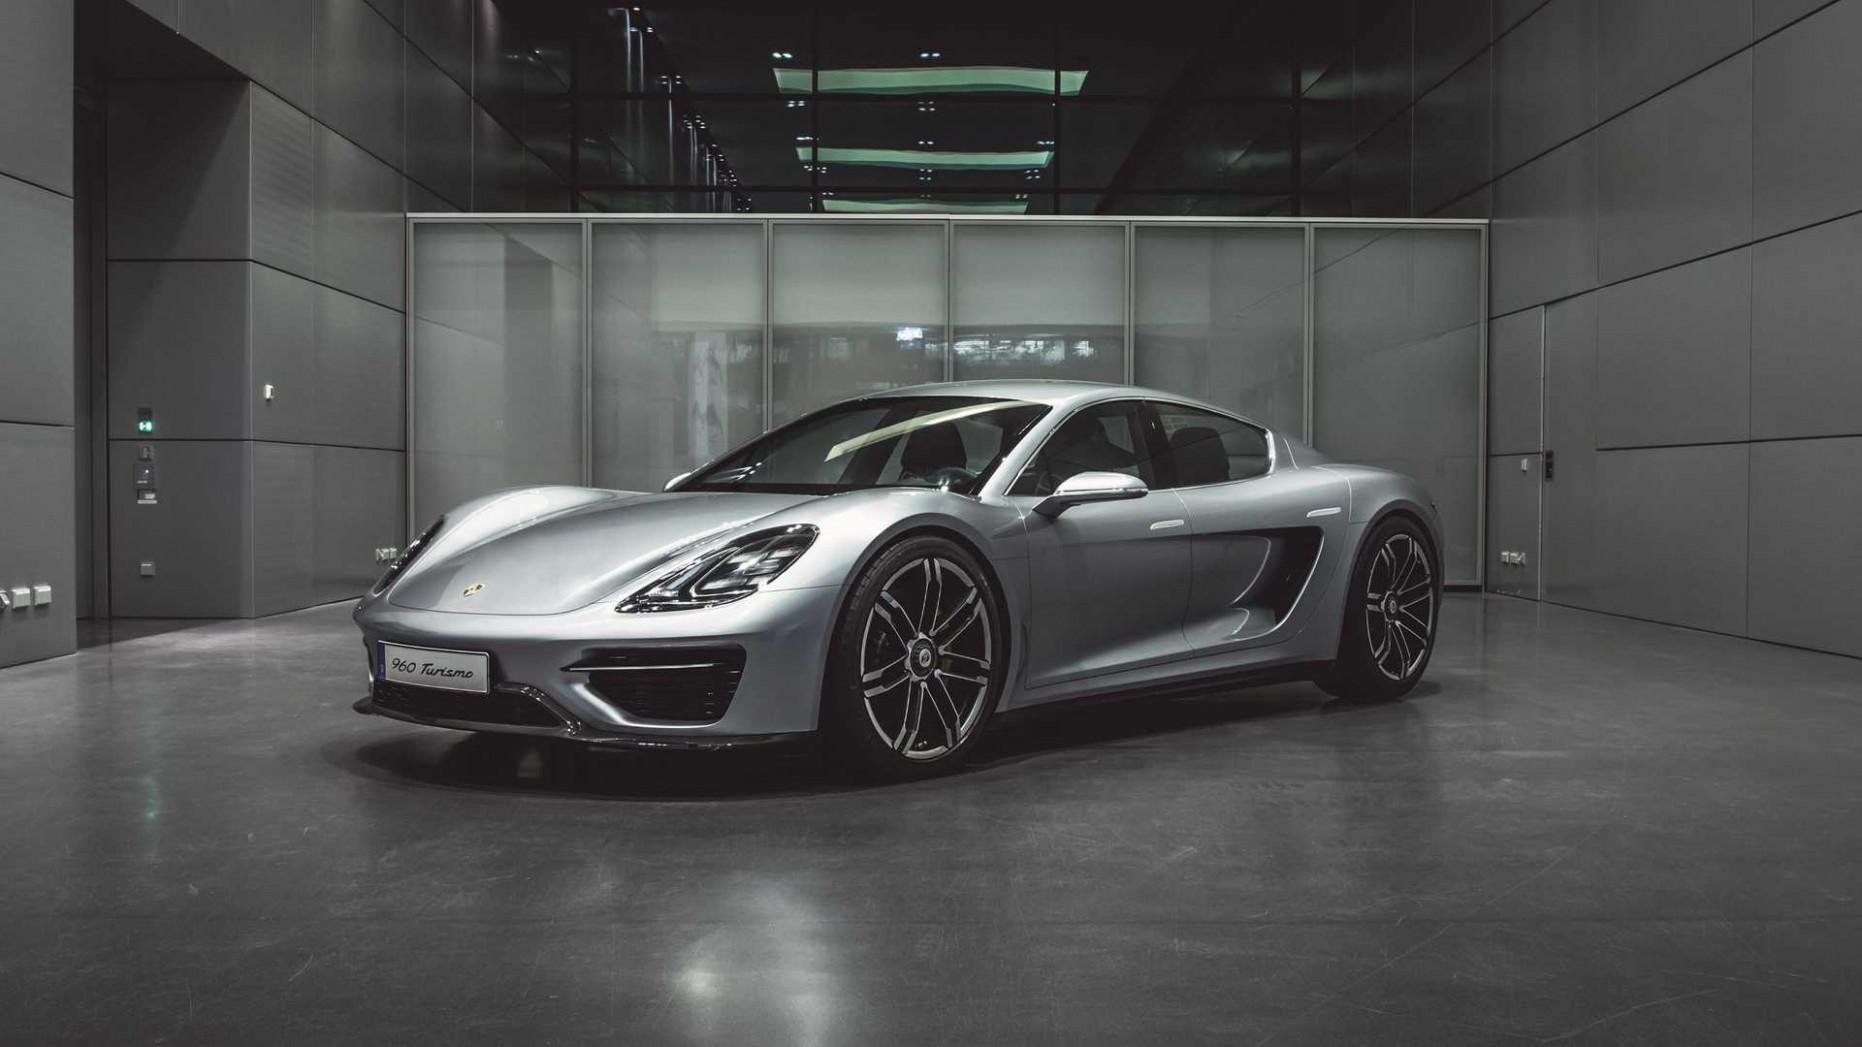 Redesign and Concept 2022 Porsche 960